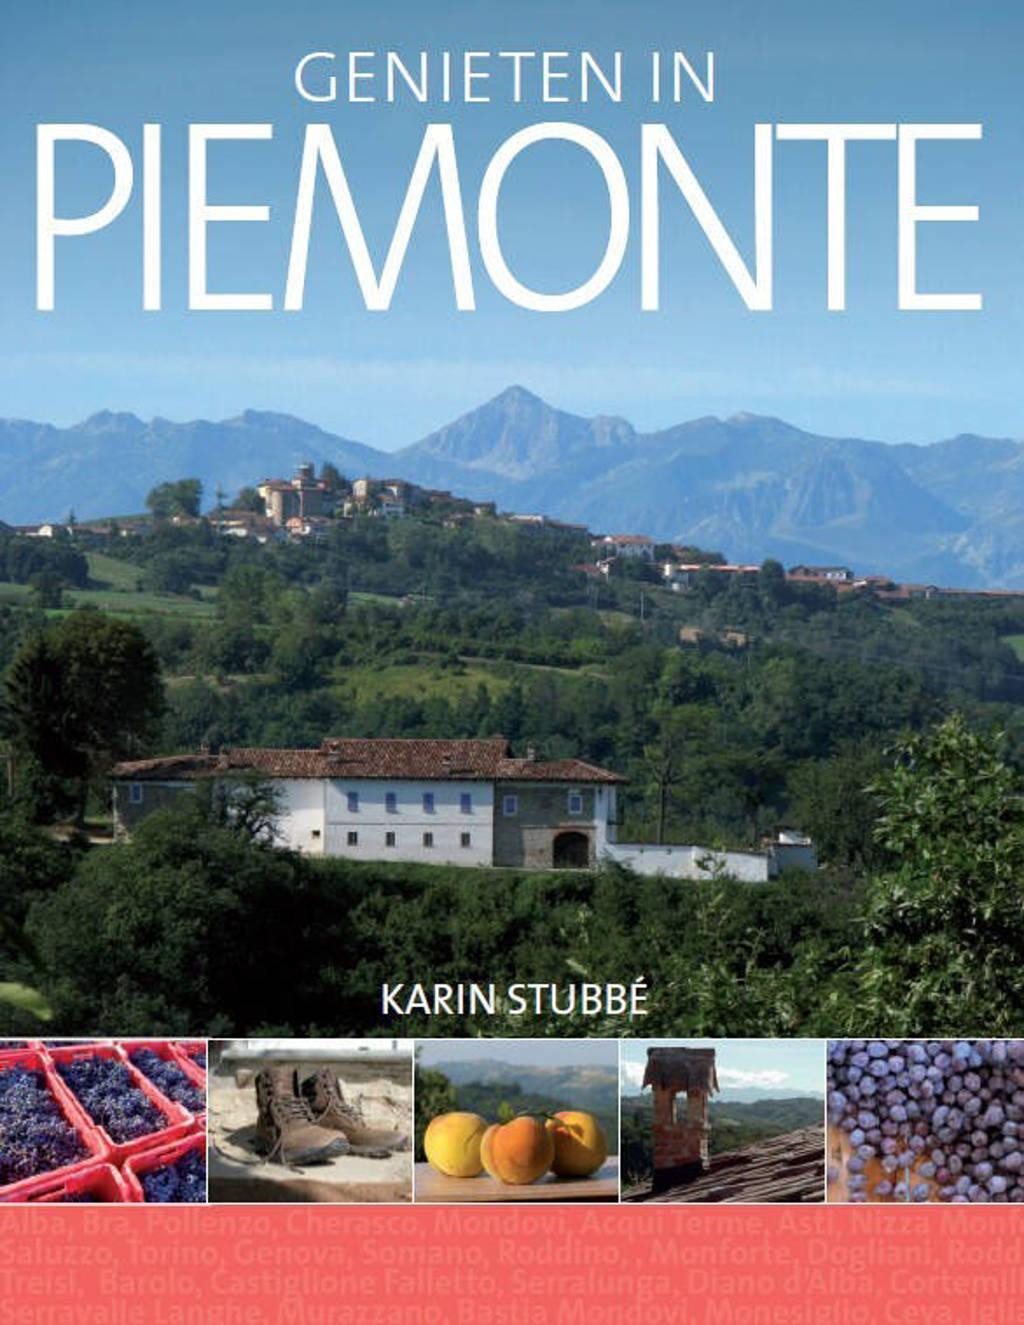 Genieten in de Piemonte - Karin Stubbe